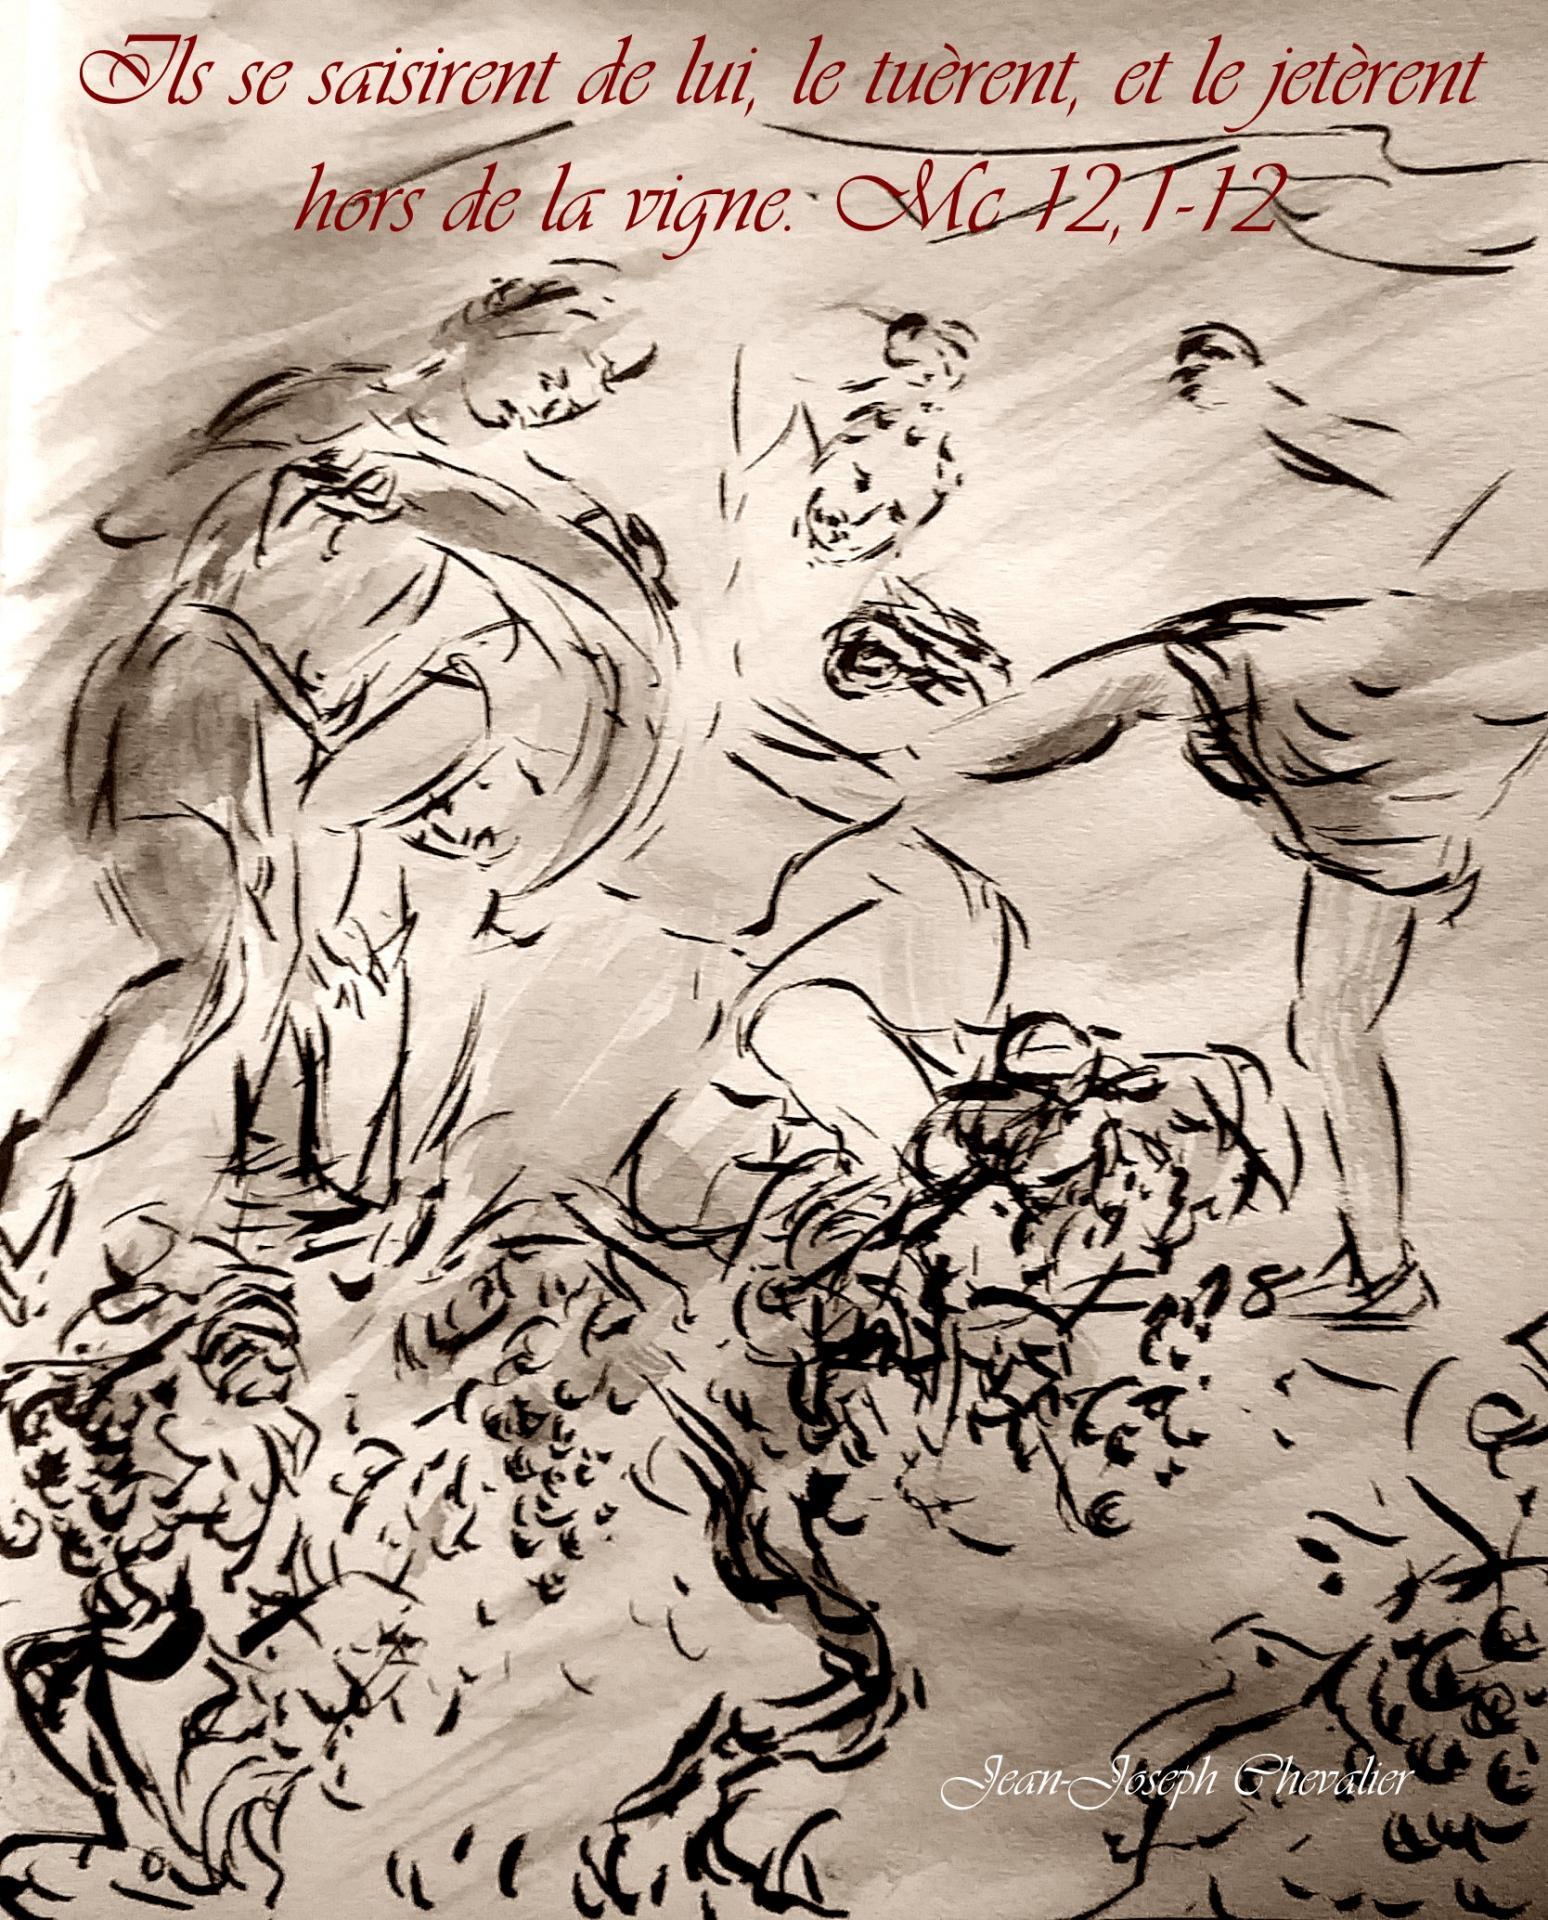 4  Juin 2018, évangile du jour illustré par un dessin au lavis